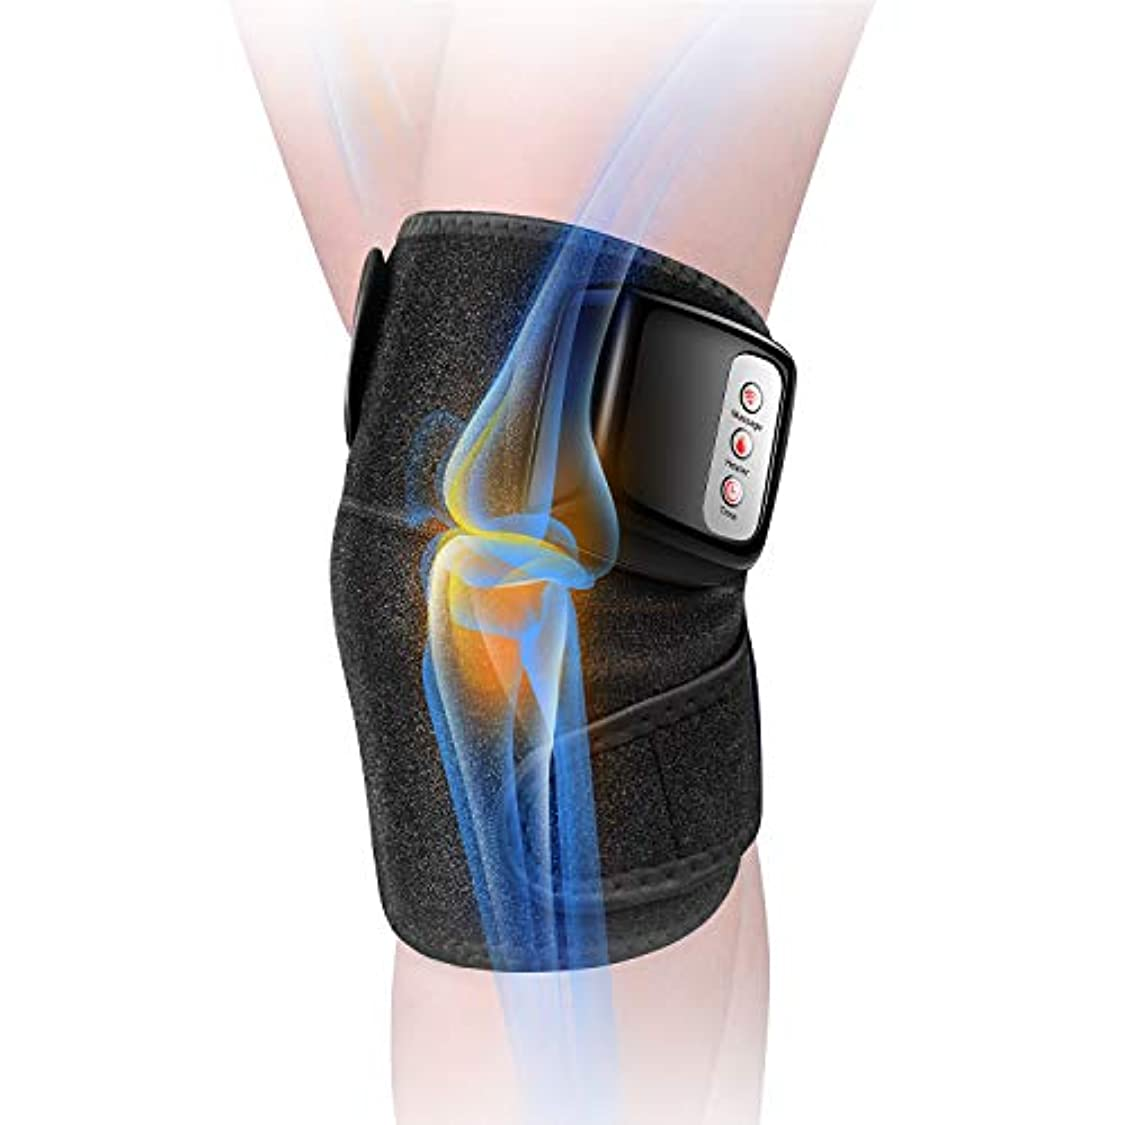 ジョージエリオット感じる悪行膝マッサージャー 関節マッサージャー マッサージ器 フットマッサージャー 振動 赤外線療法 温熱療法 膝サポーター ストレス解消 肩 太もも/腕対応